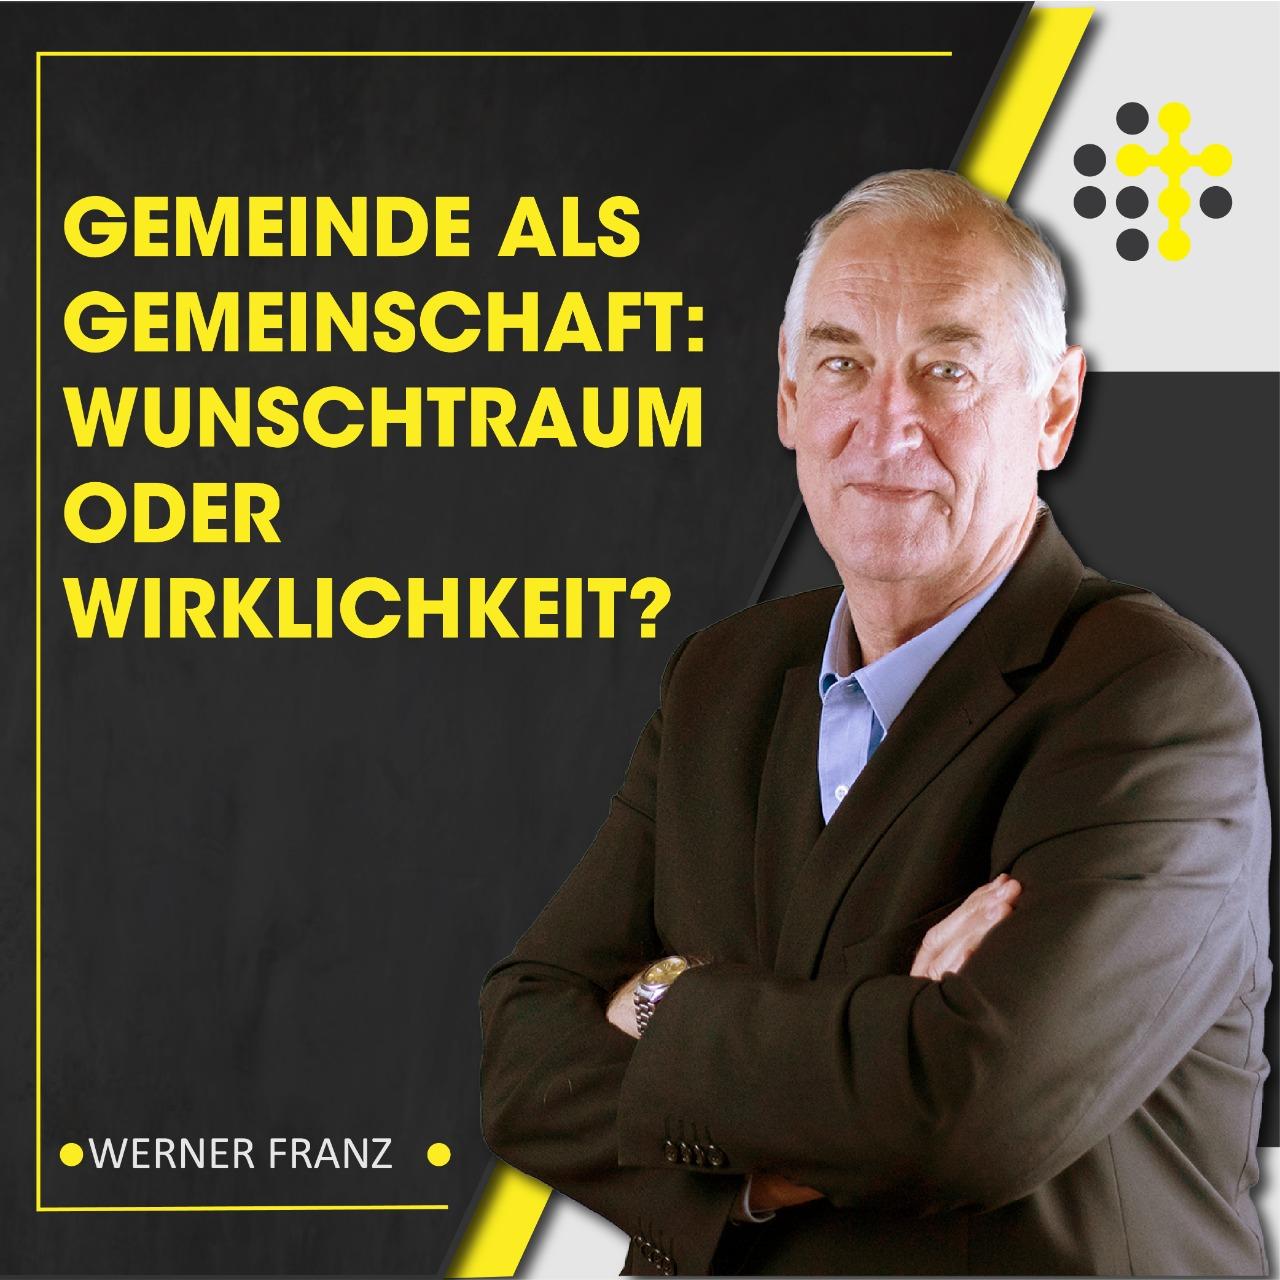 Gemeinde als Gemeinschaft: Wunschtraum oder Wirklichkeit? - Redner: Werner Franz